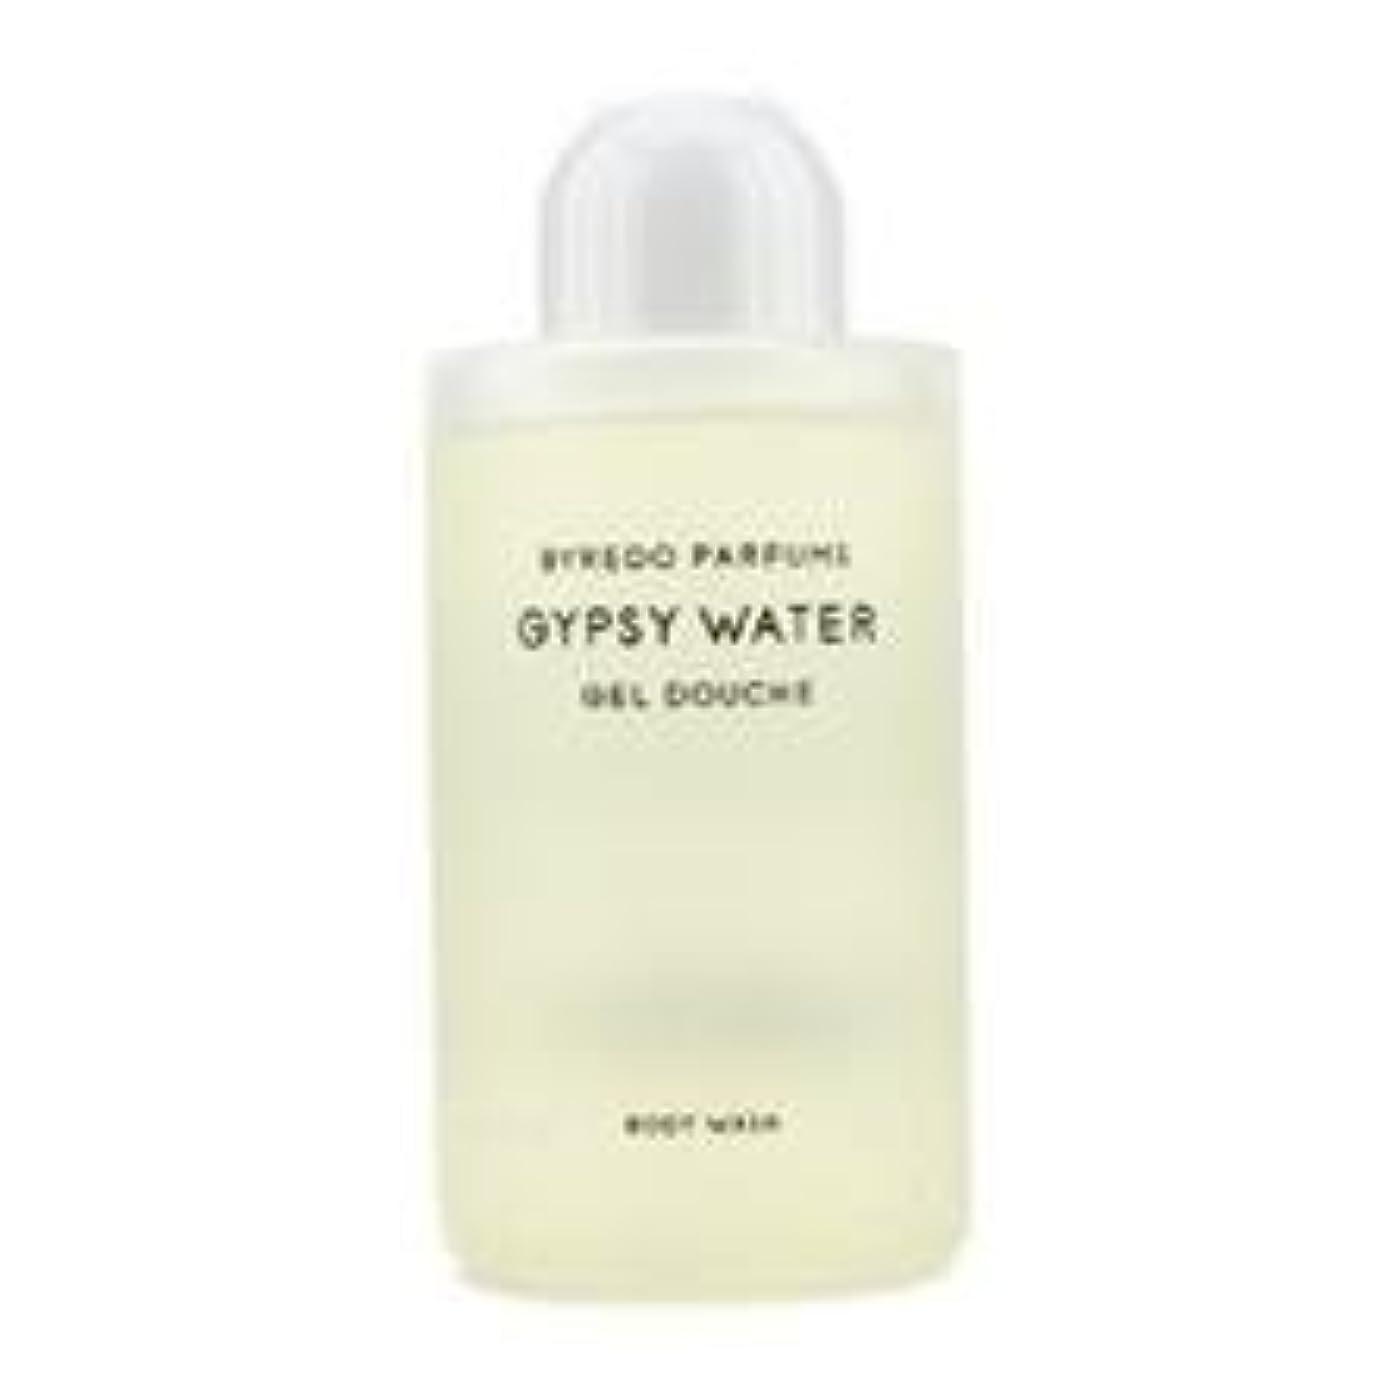 引き渡す酸化する減少Byredo Gypsy Water Body Wash 225ml/7.6oz by Byredo